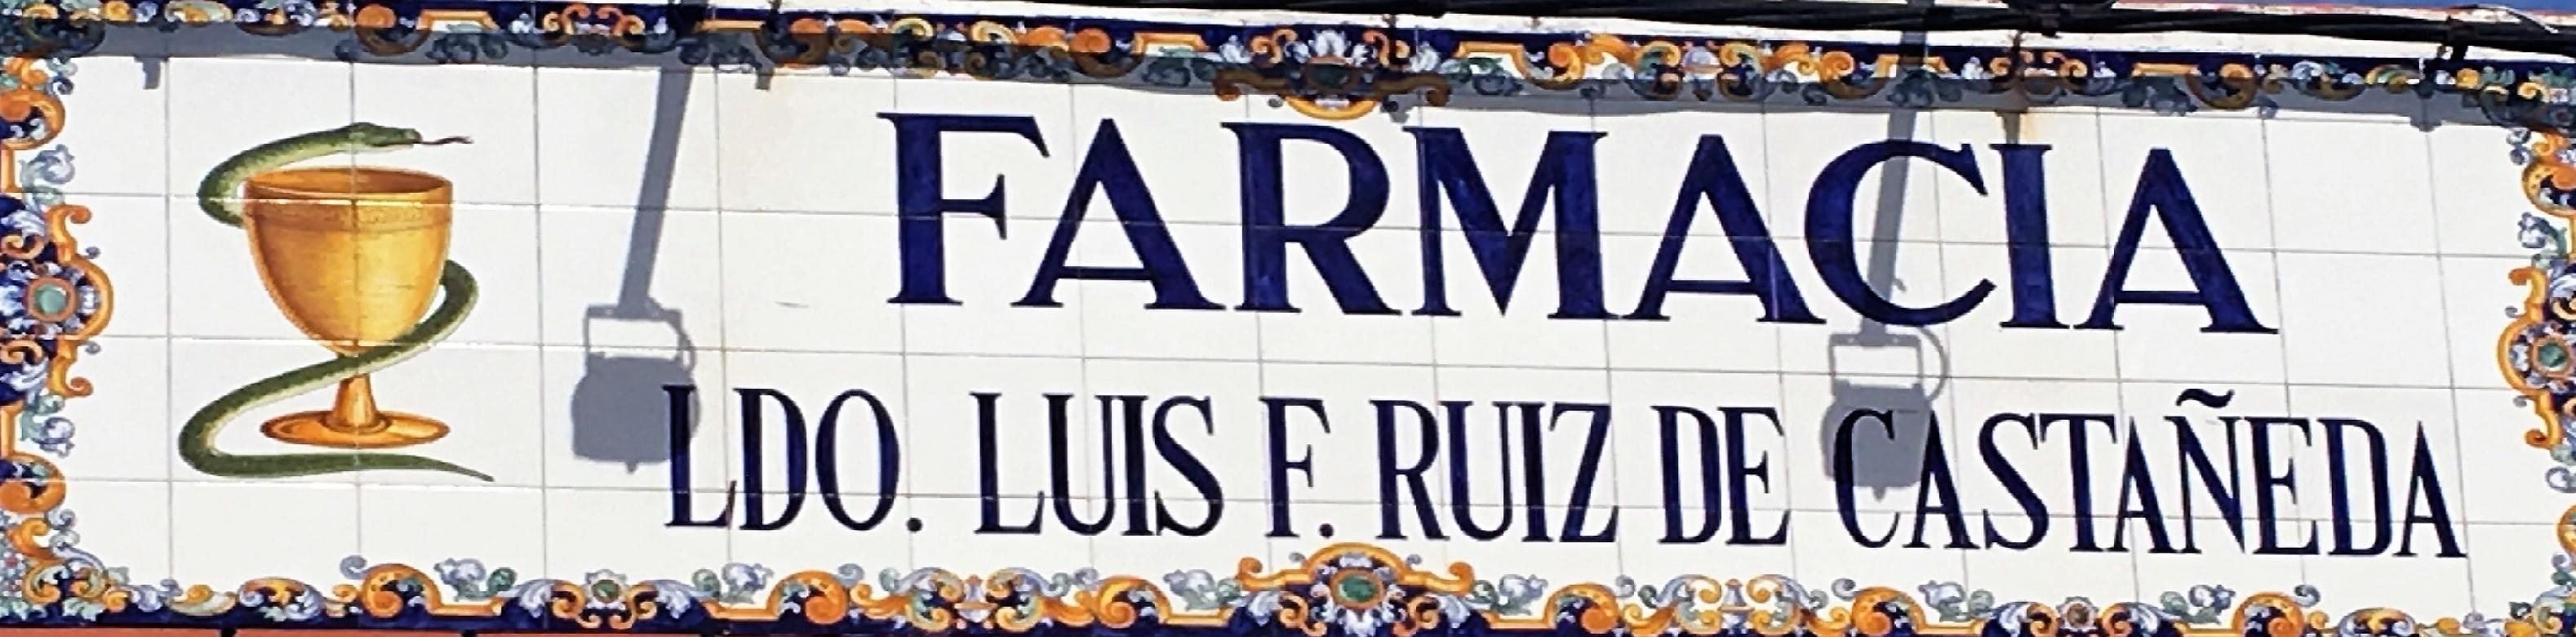 Farmacia Ldo. Luis F. Ruiz de Castañeda